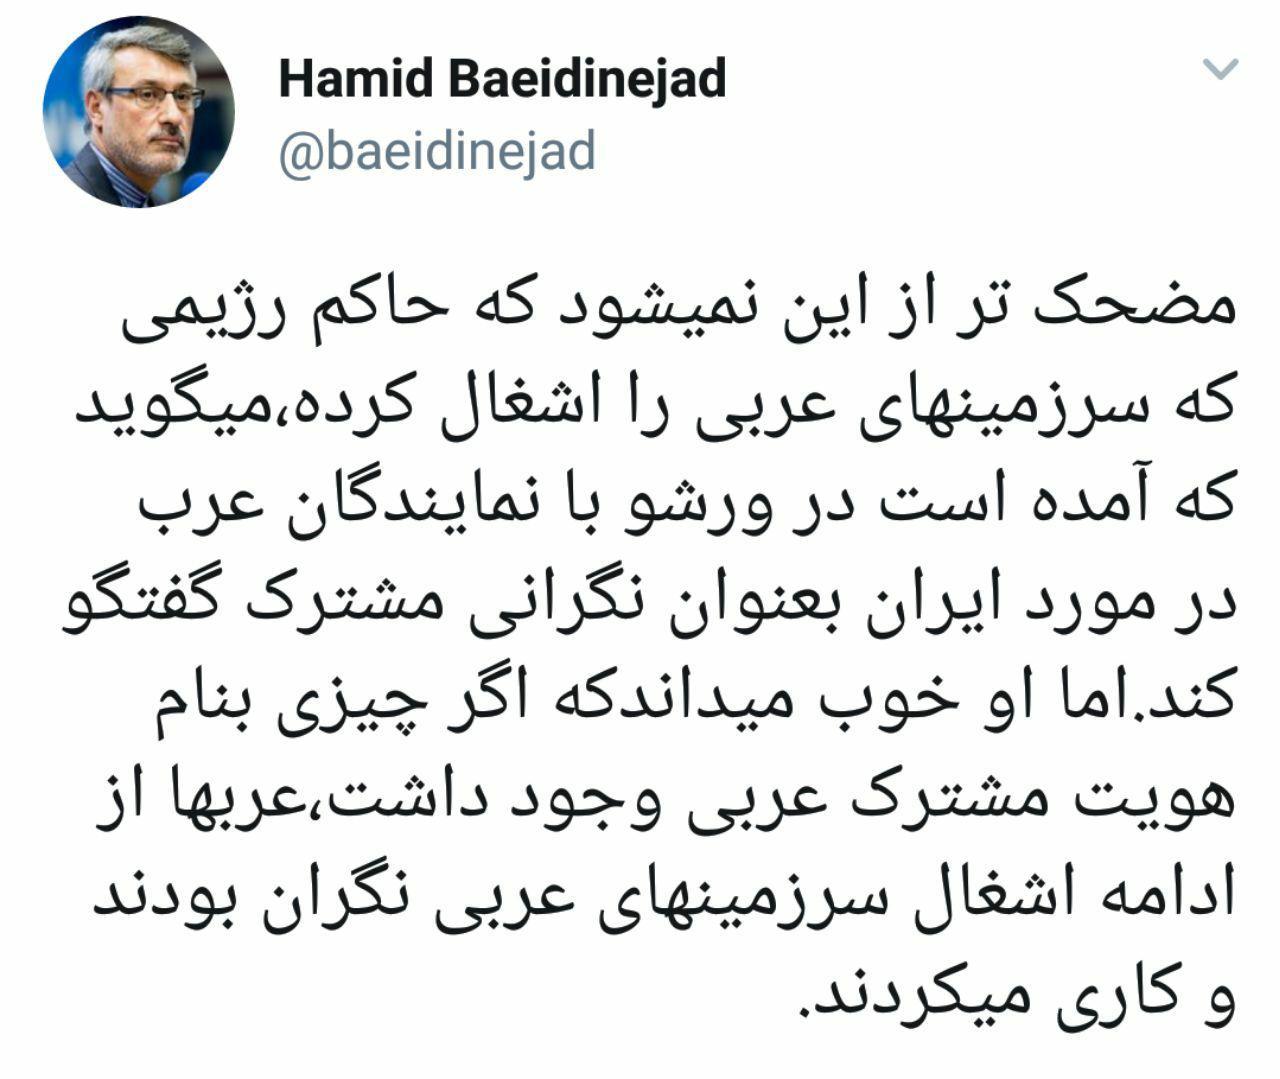 واکنشبعیدینژاد بهادعاینتانیاهو درباره نشستورشو